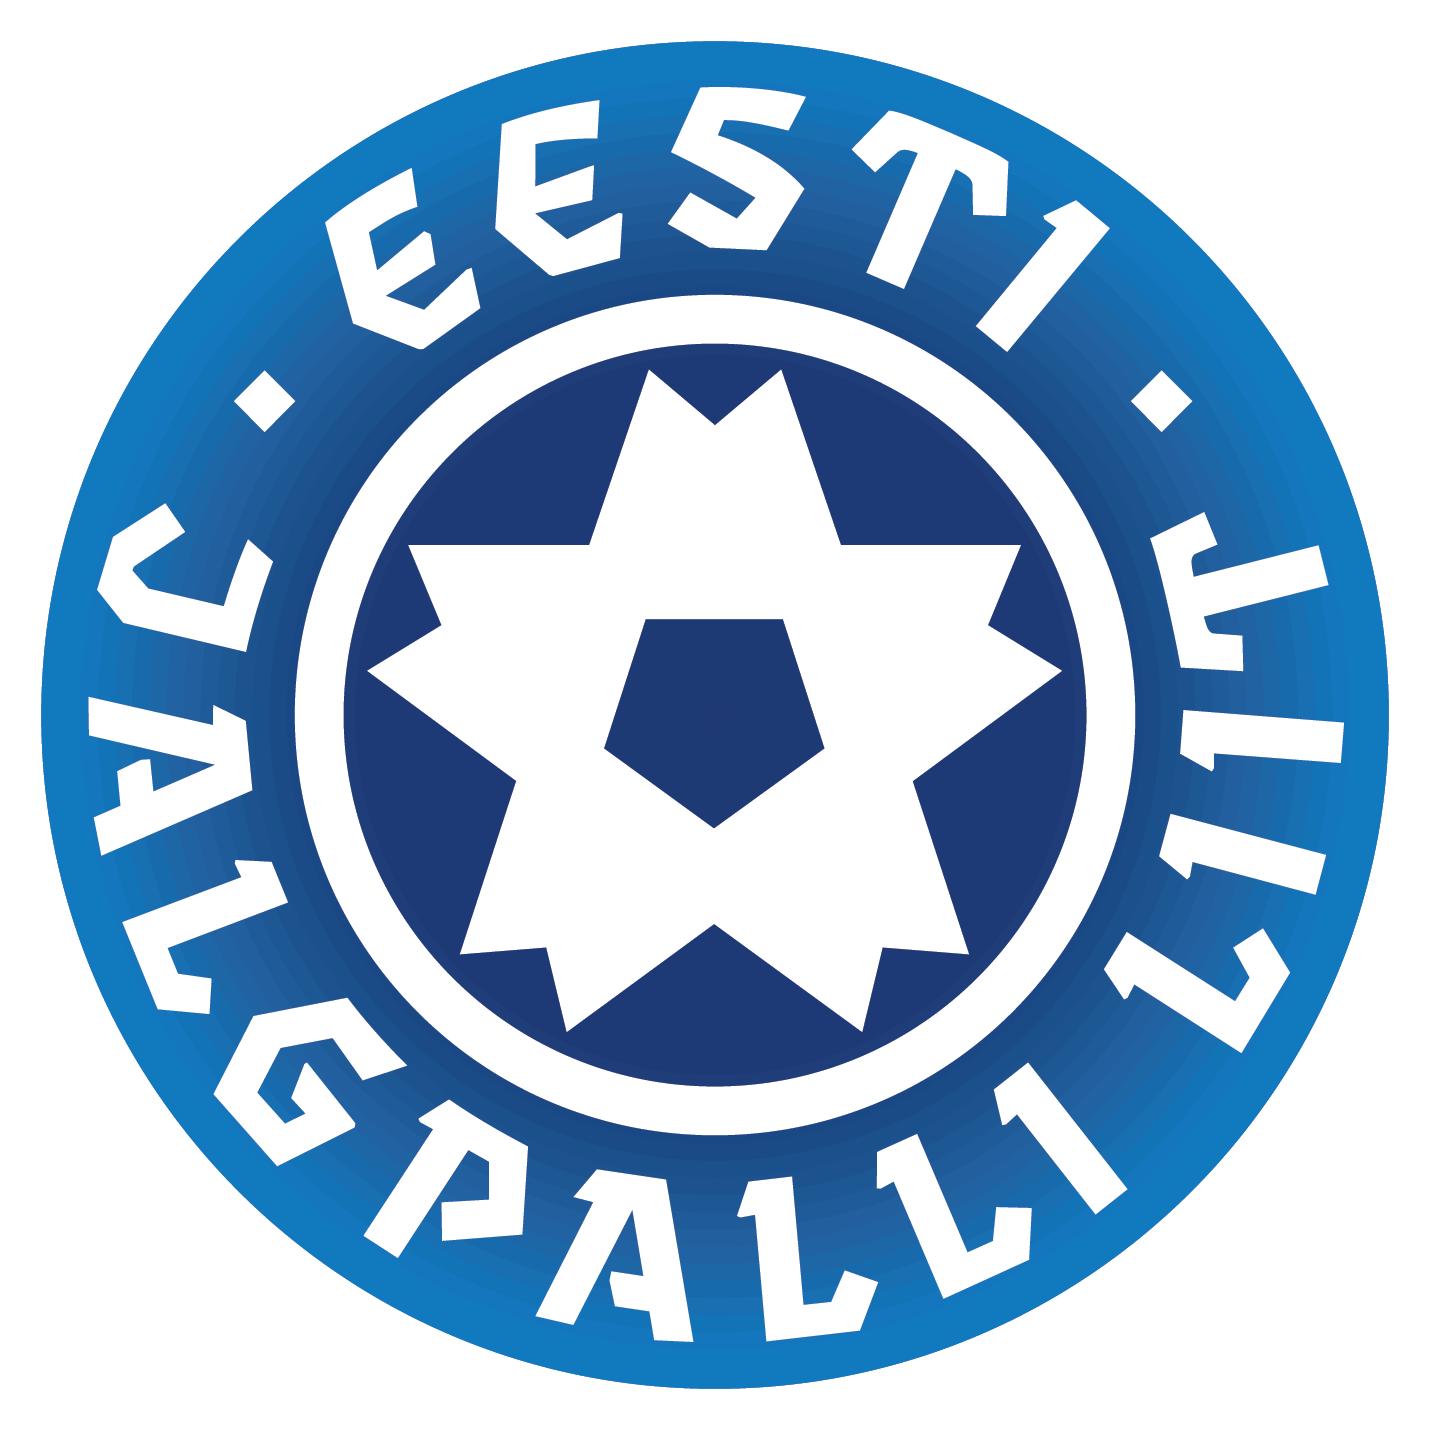 Jong Estland